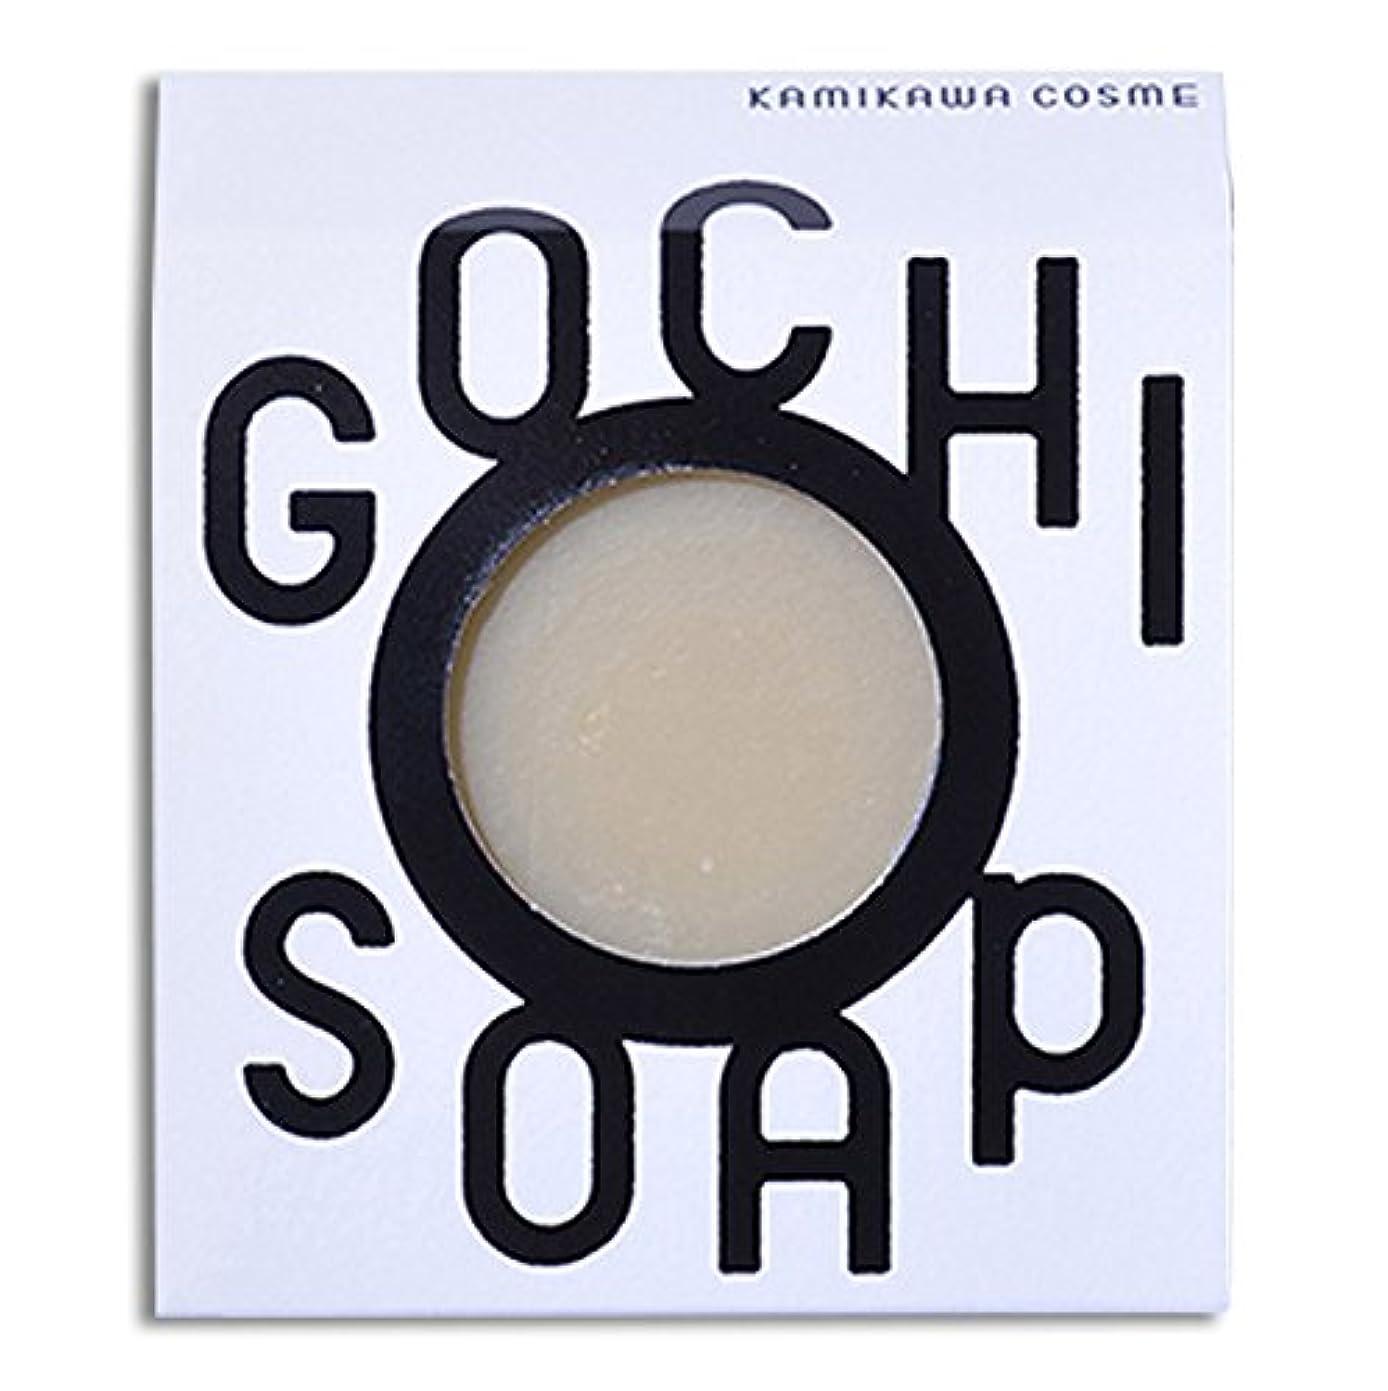 支配する後間に合わせ道北の素材を使用したコスメブランド GOCHI SOAP(伊勢ファームの牛乳ソープ?平田こうじ店の米糀ソープ)各1個セット